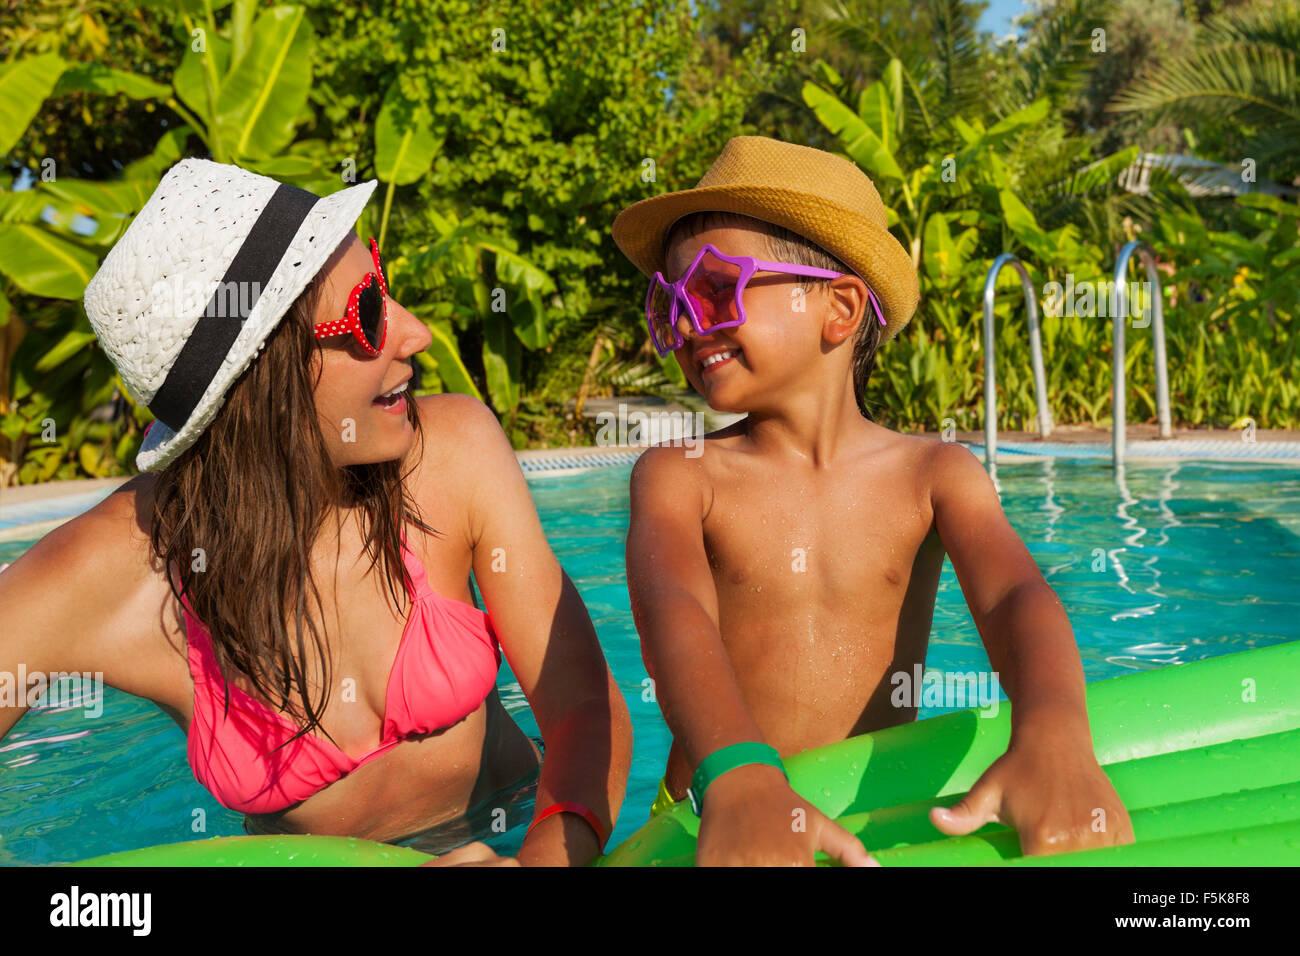 Glückliche Mama und ihr Sohn das Tragen von Sonnenbrillen im pool Stockfoto